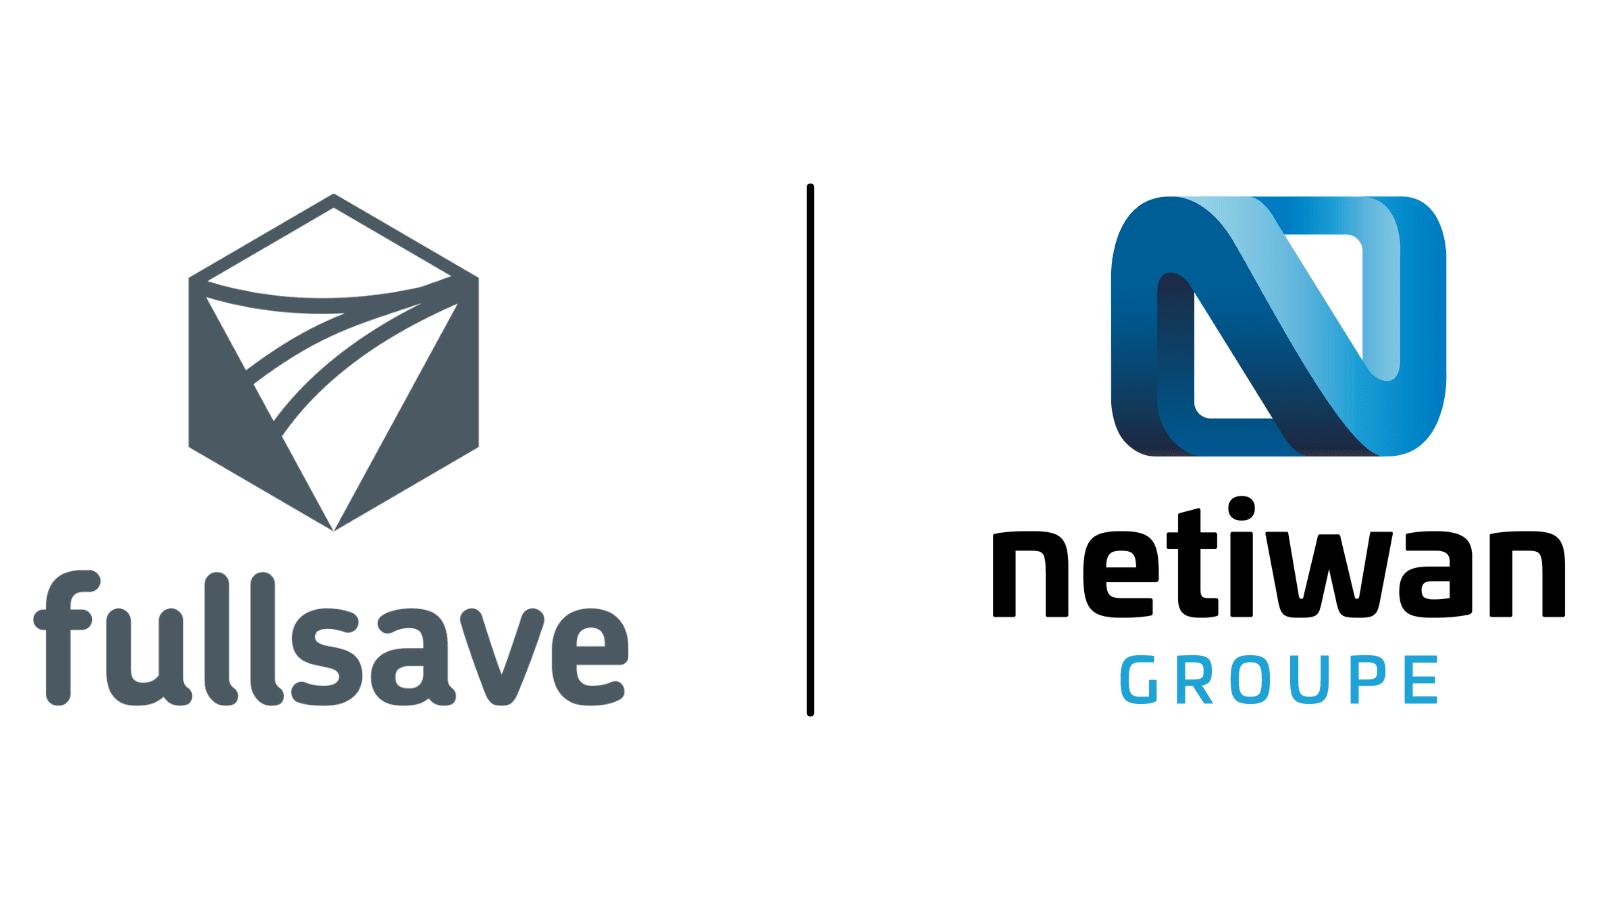 logos netiwan et fullsave ensemble